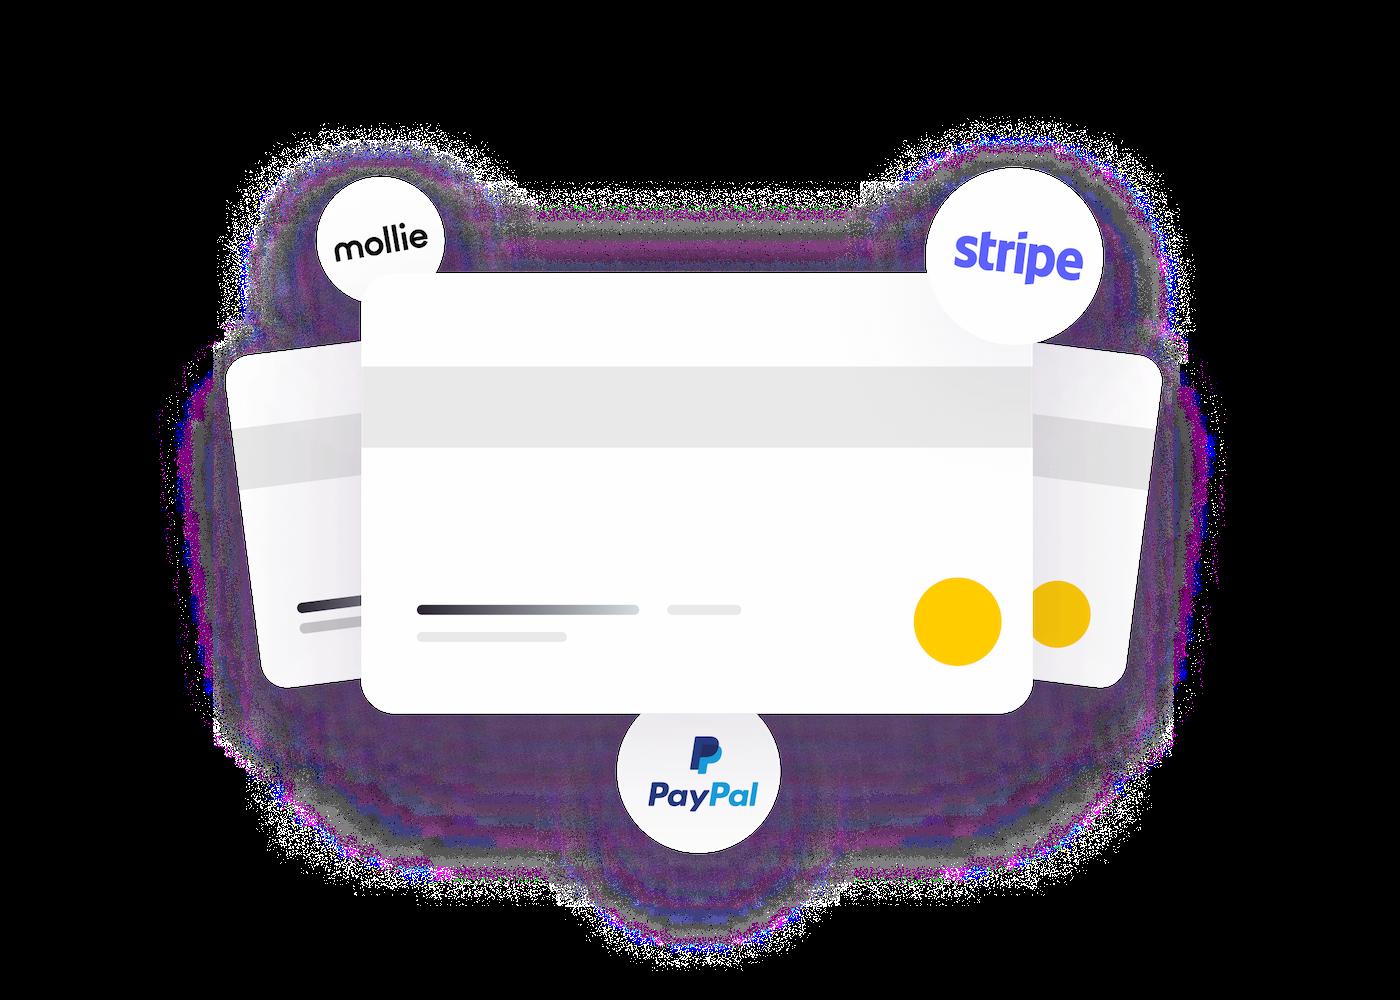 Illustration du processus de paiement sécurisé et rapide